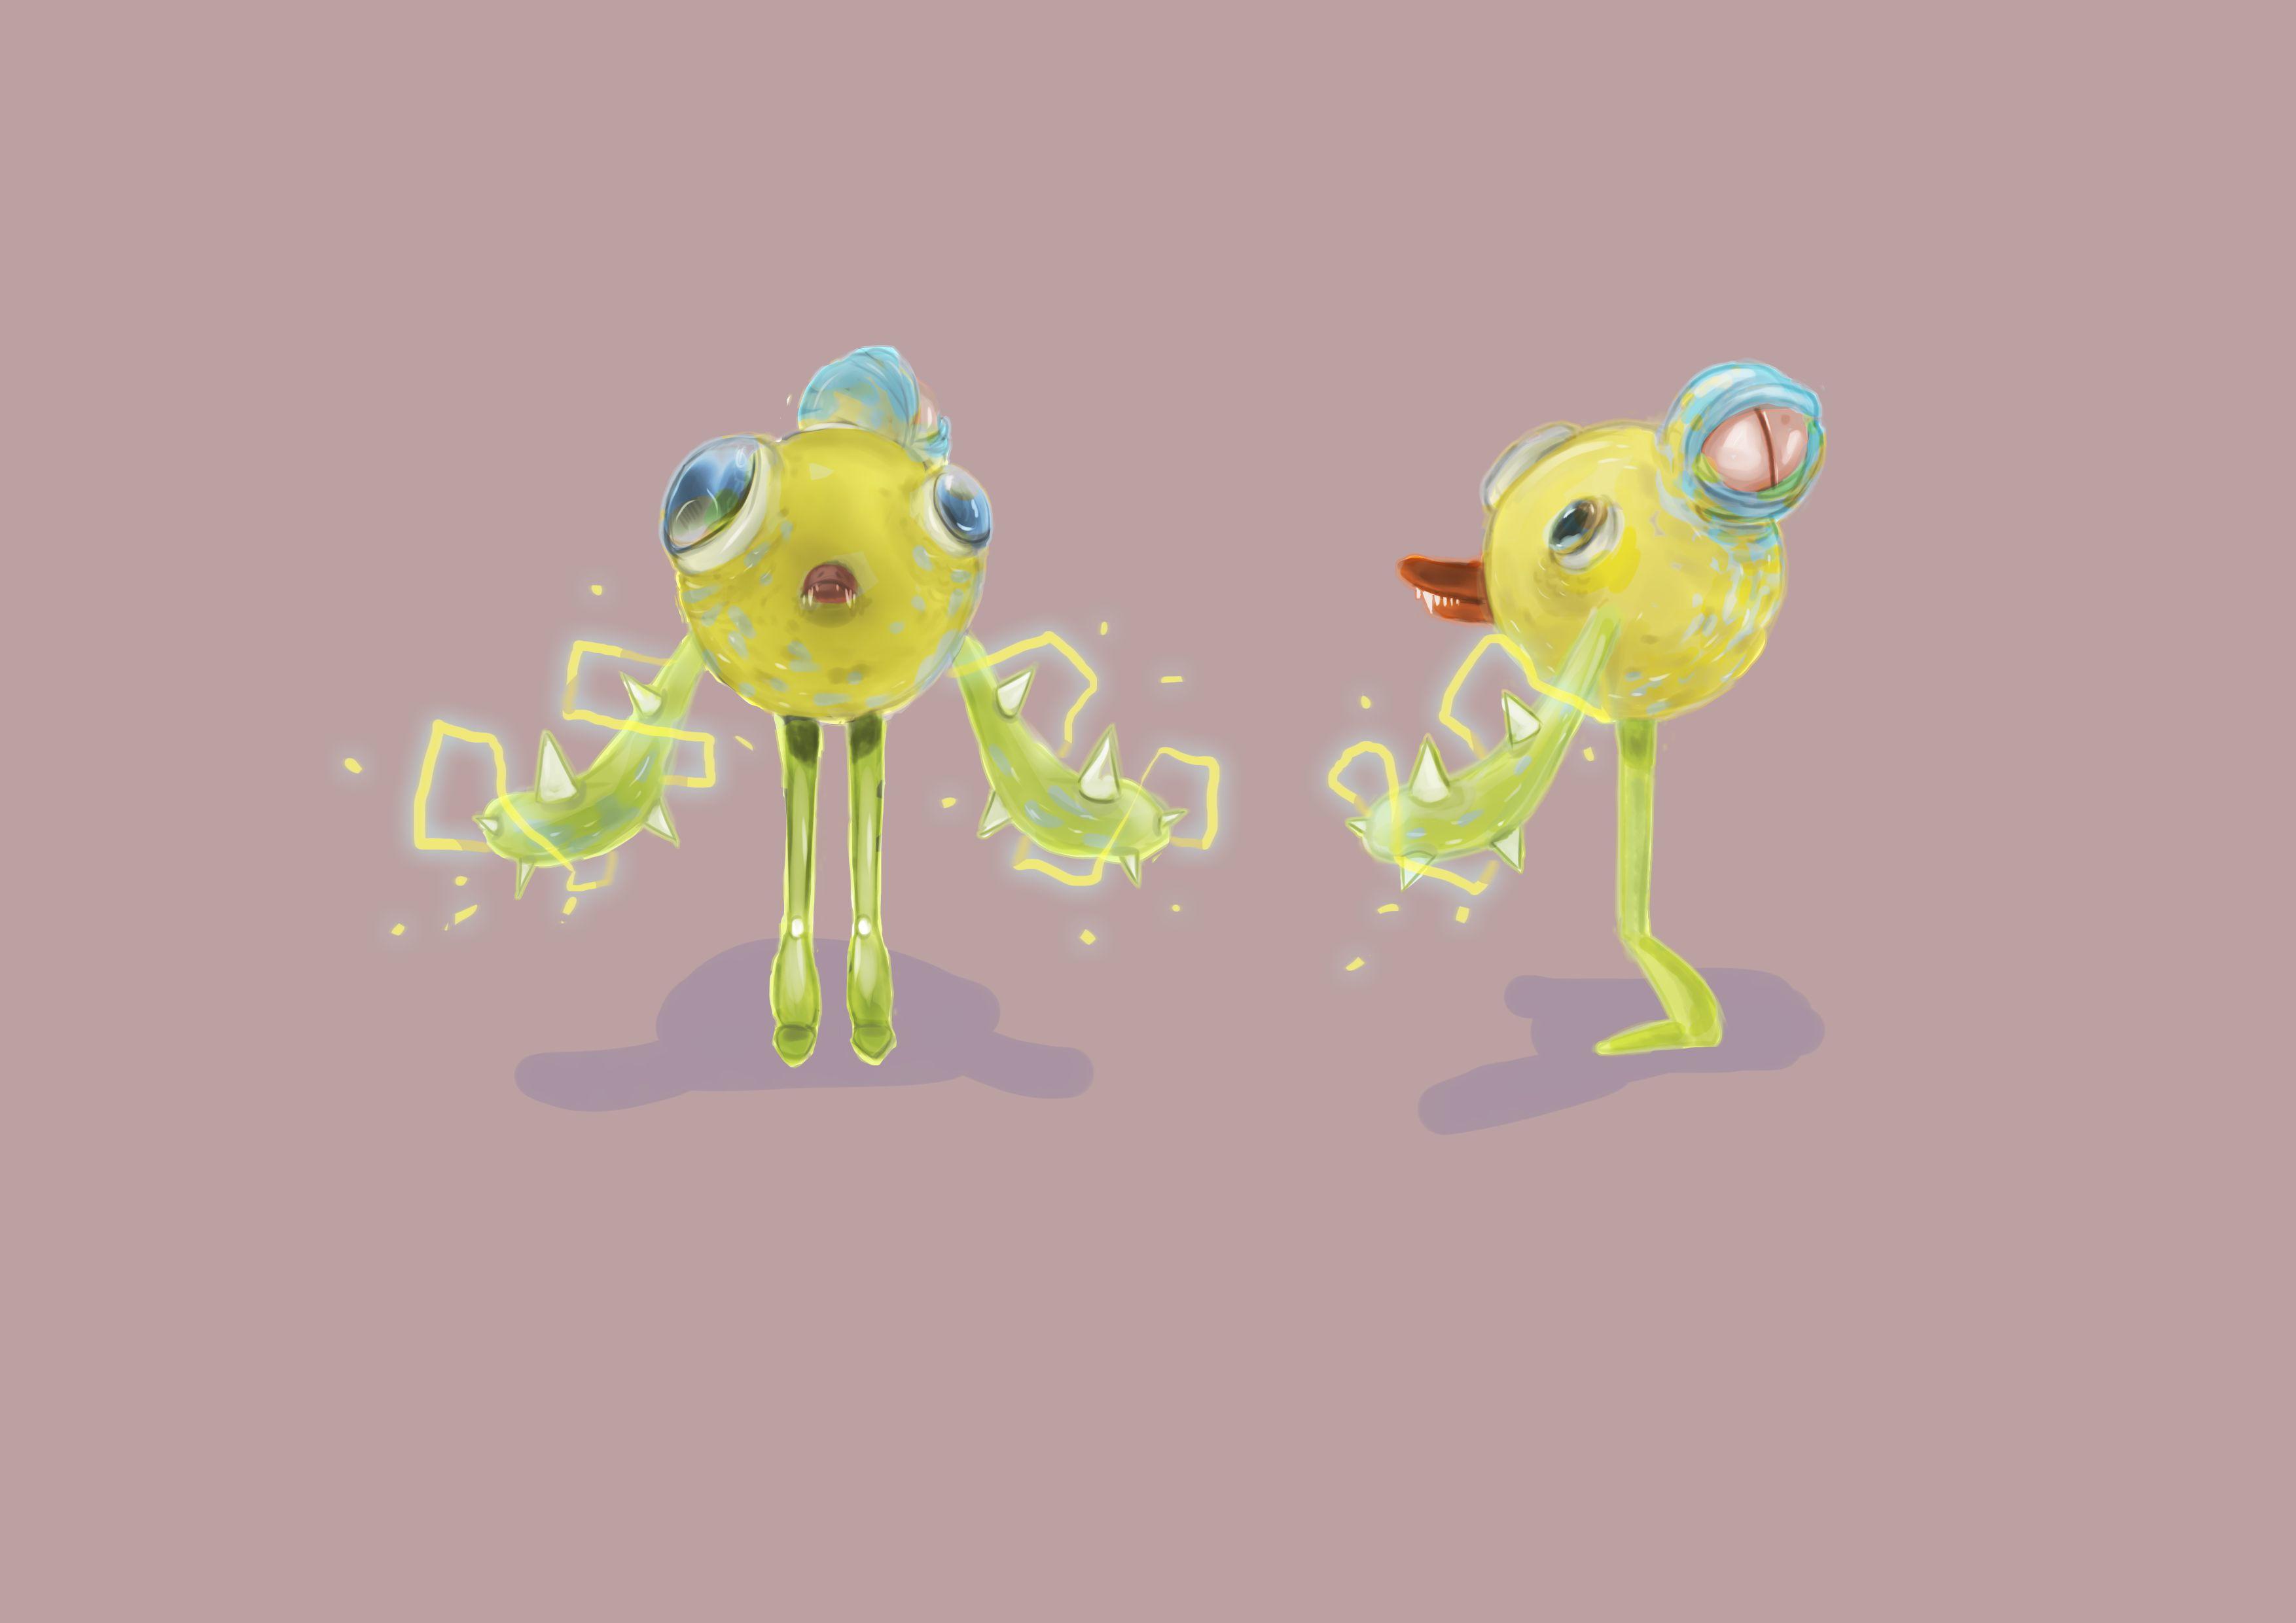 Нужен скетч персонажа для игры - дизайнер alyahoney